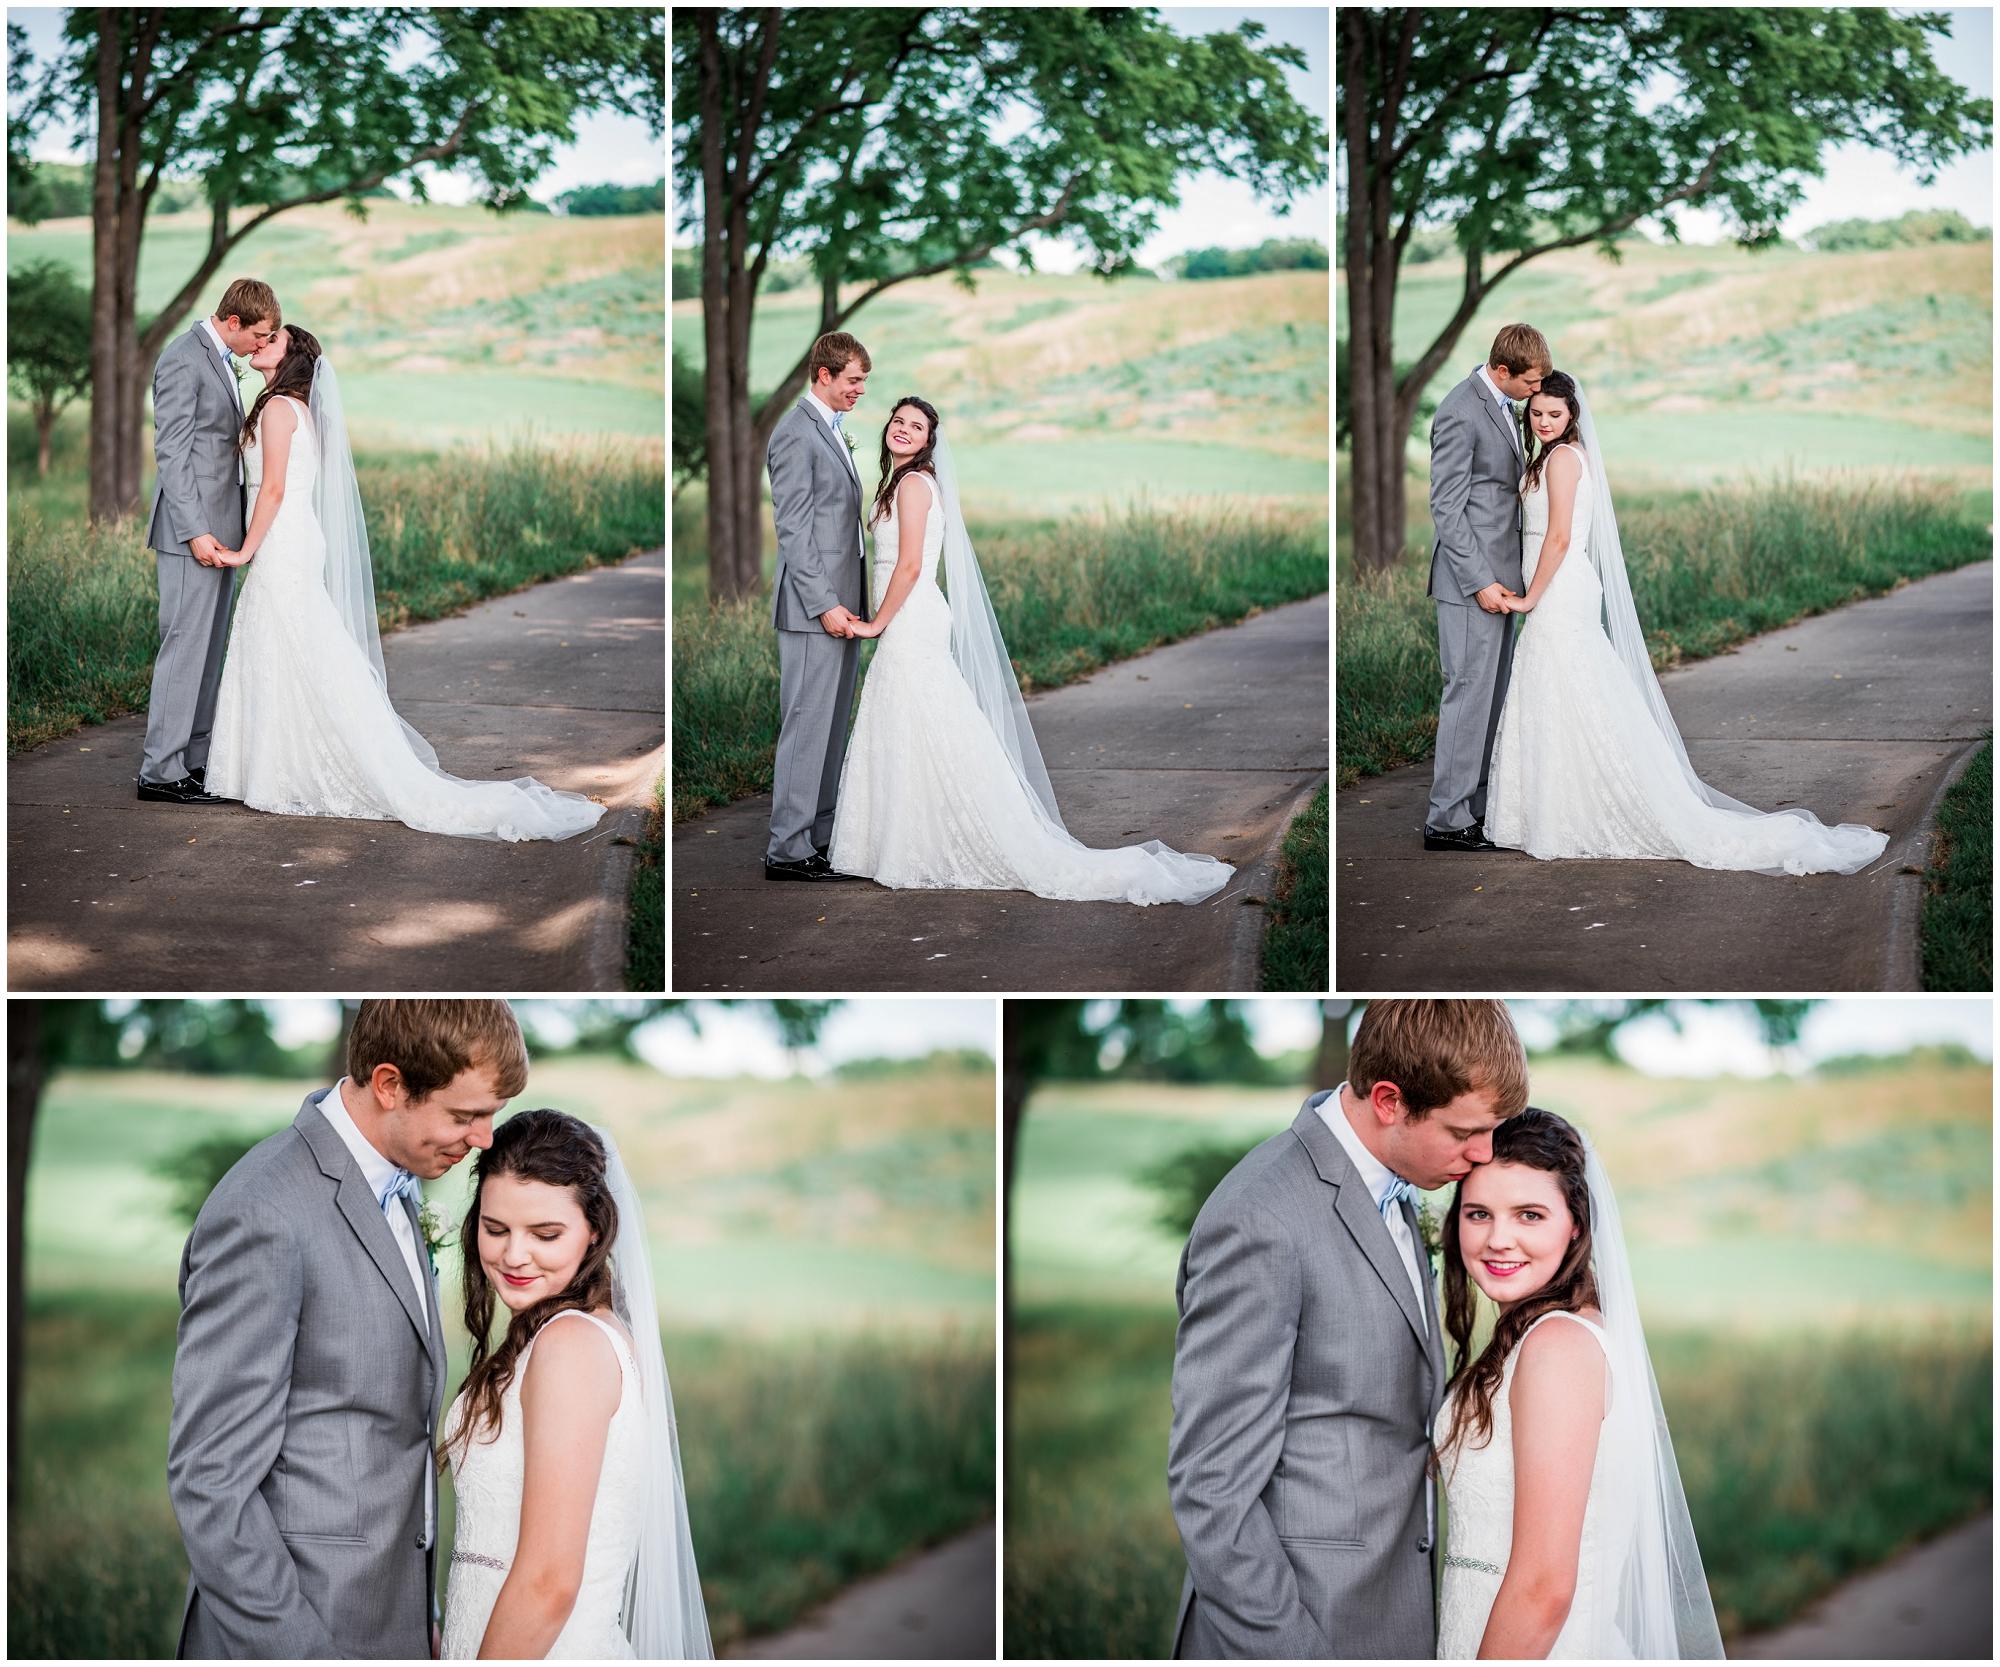 caroline_ryan_olde_stone_wedding-3253.jpg